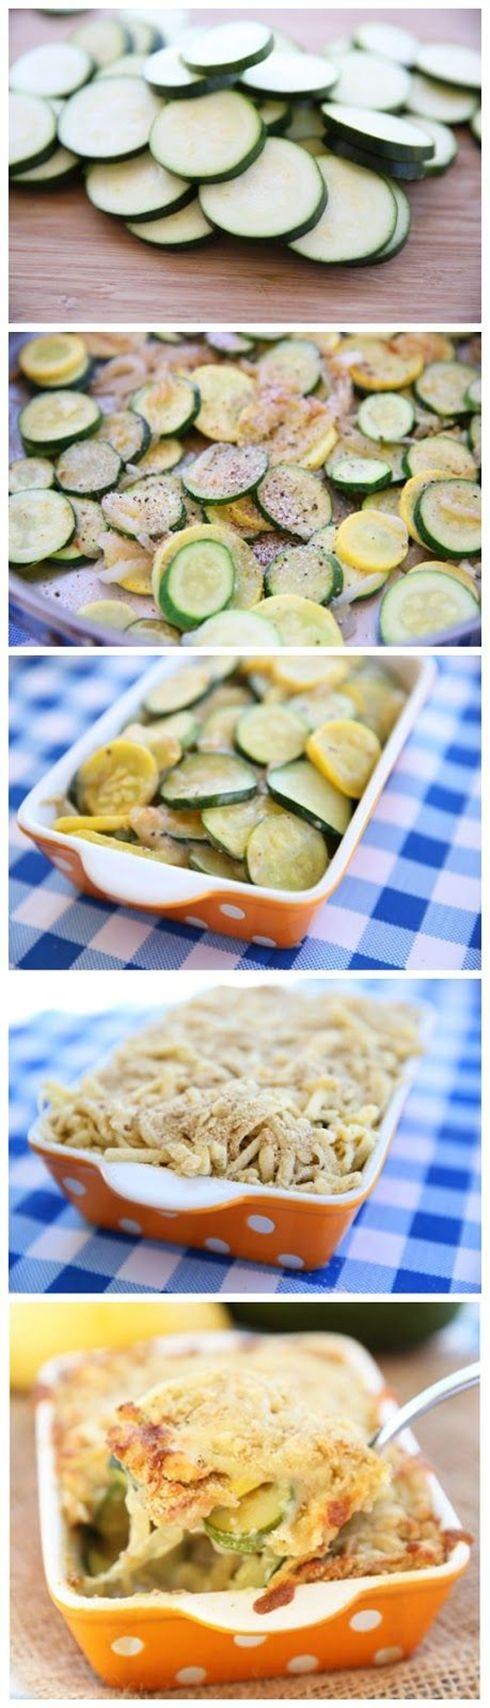 Zucchini Gratin   recipes   Pinterest